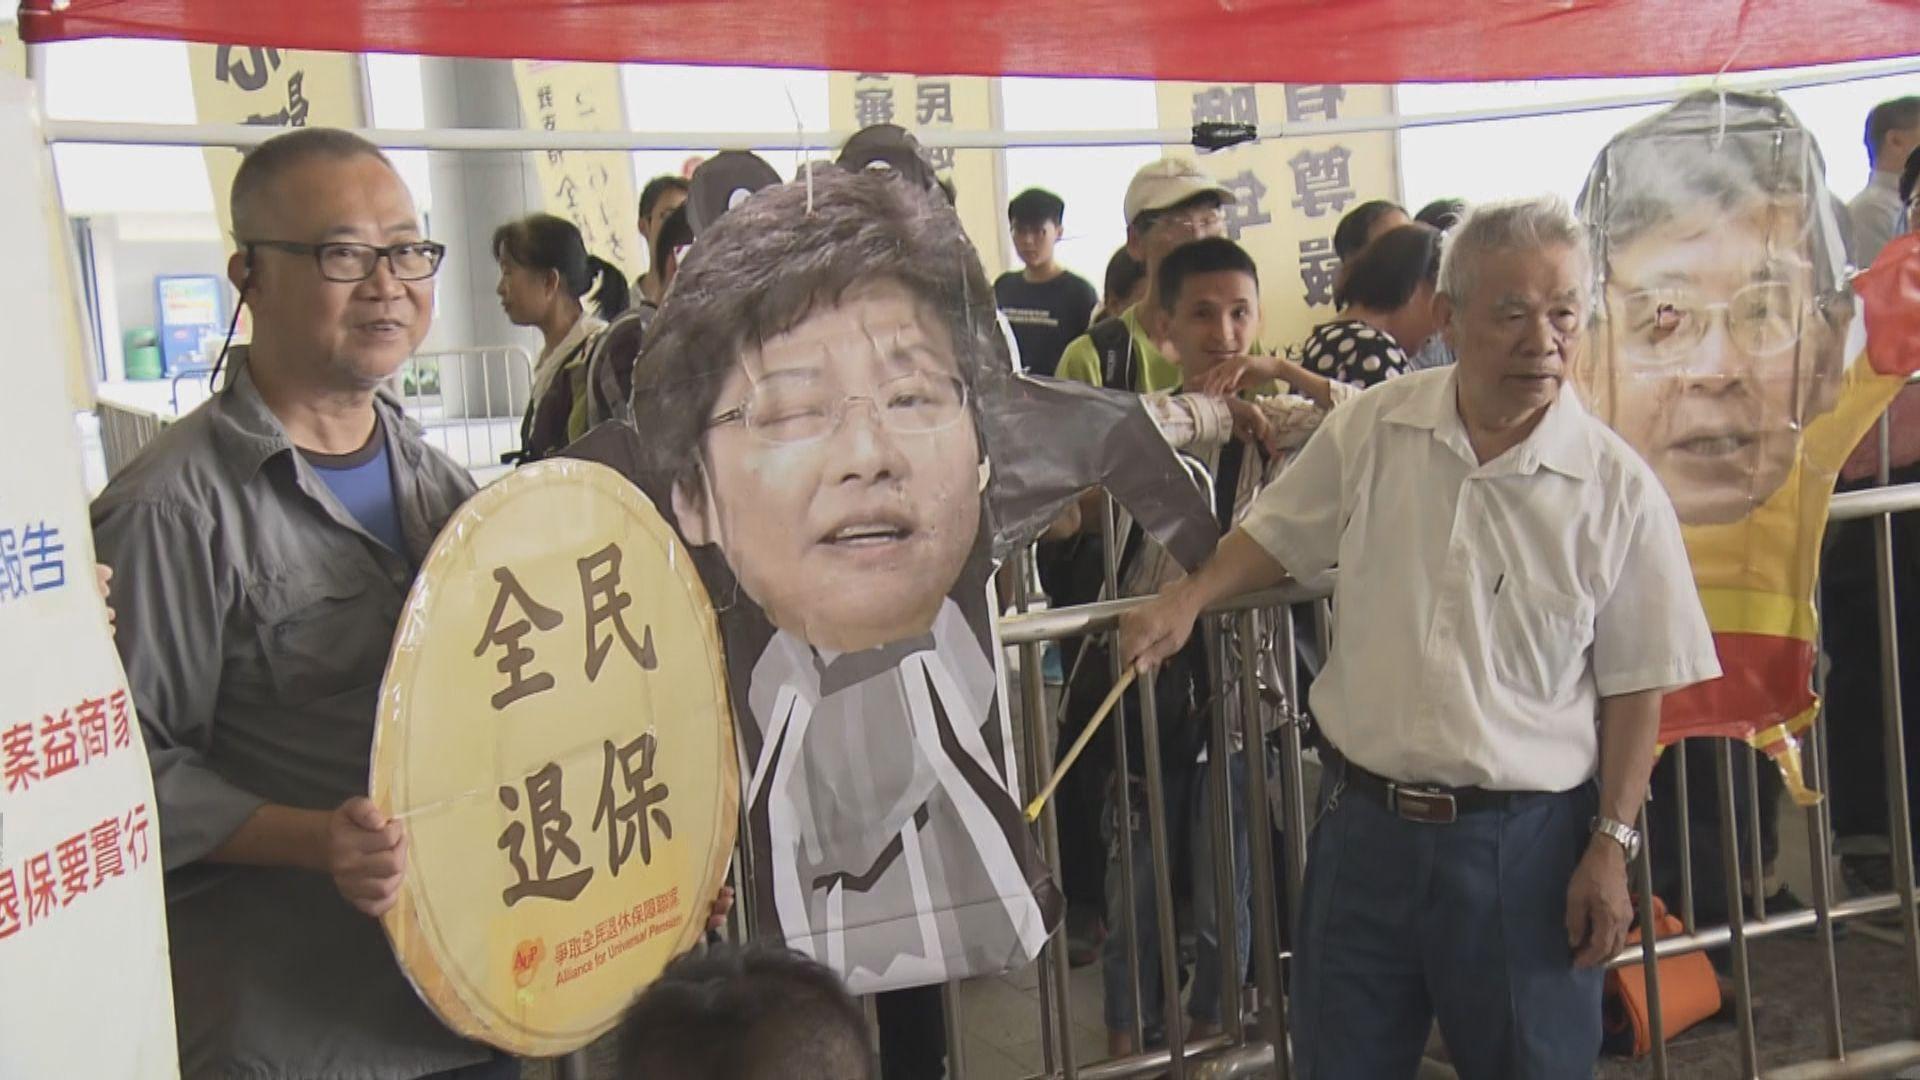 林鄭發表施政報告前 多個團體立法會外請願